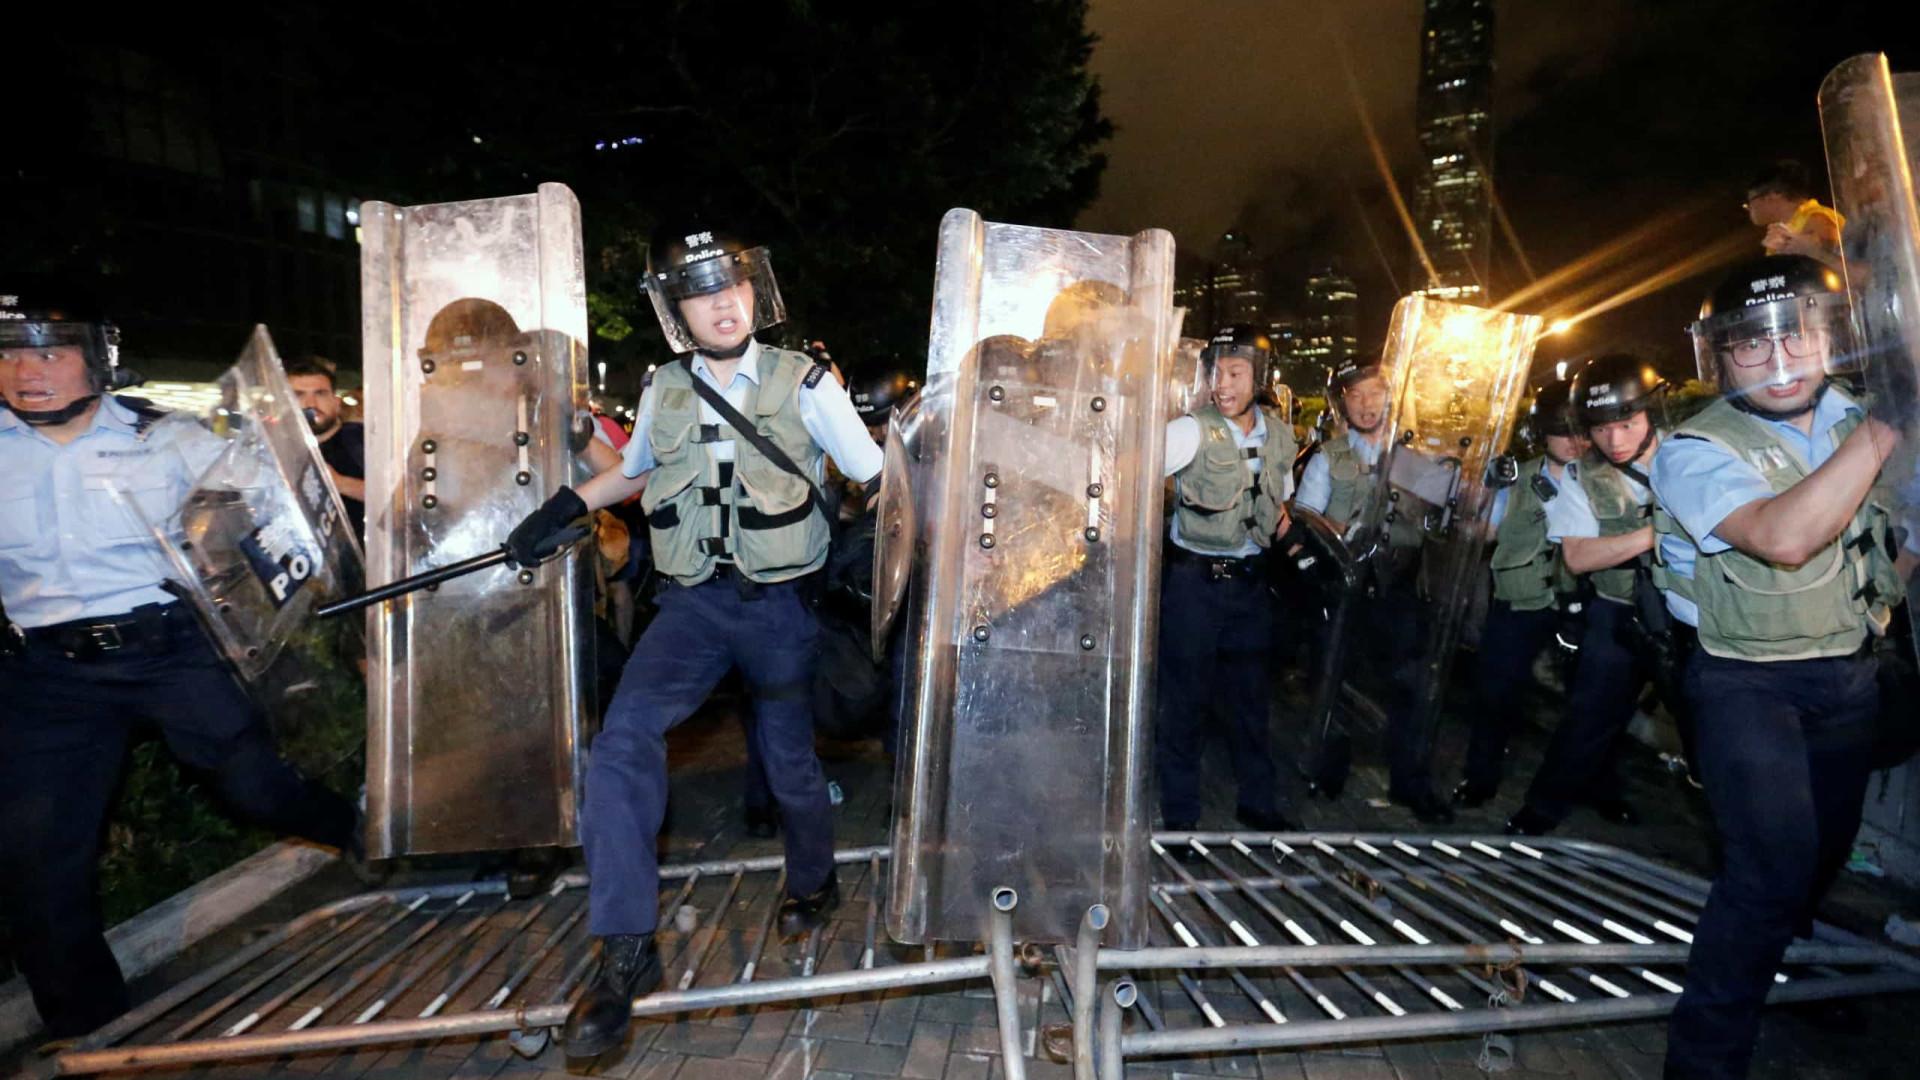 Manifestantes invadem Conselho Legislativo de Hong Kong